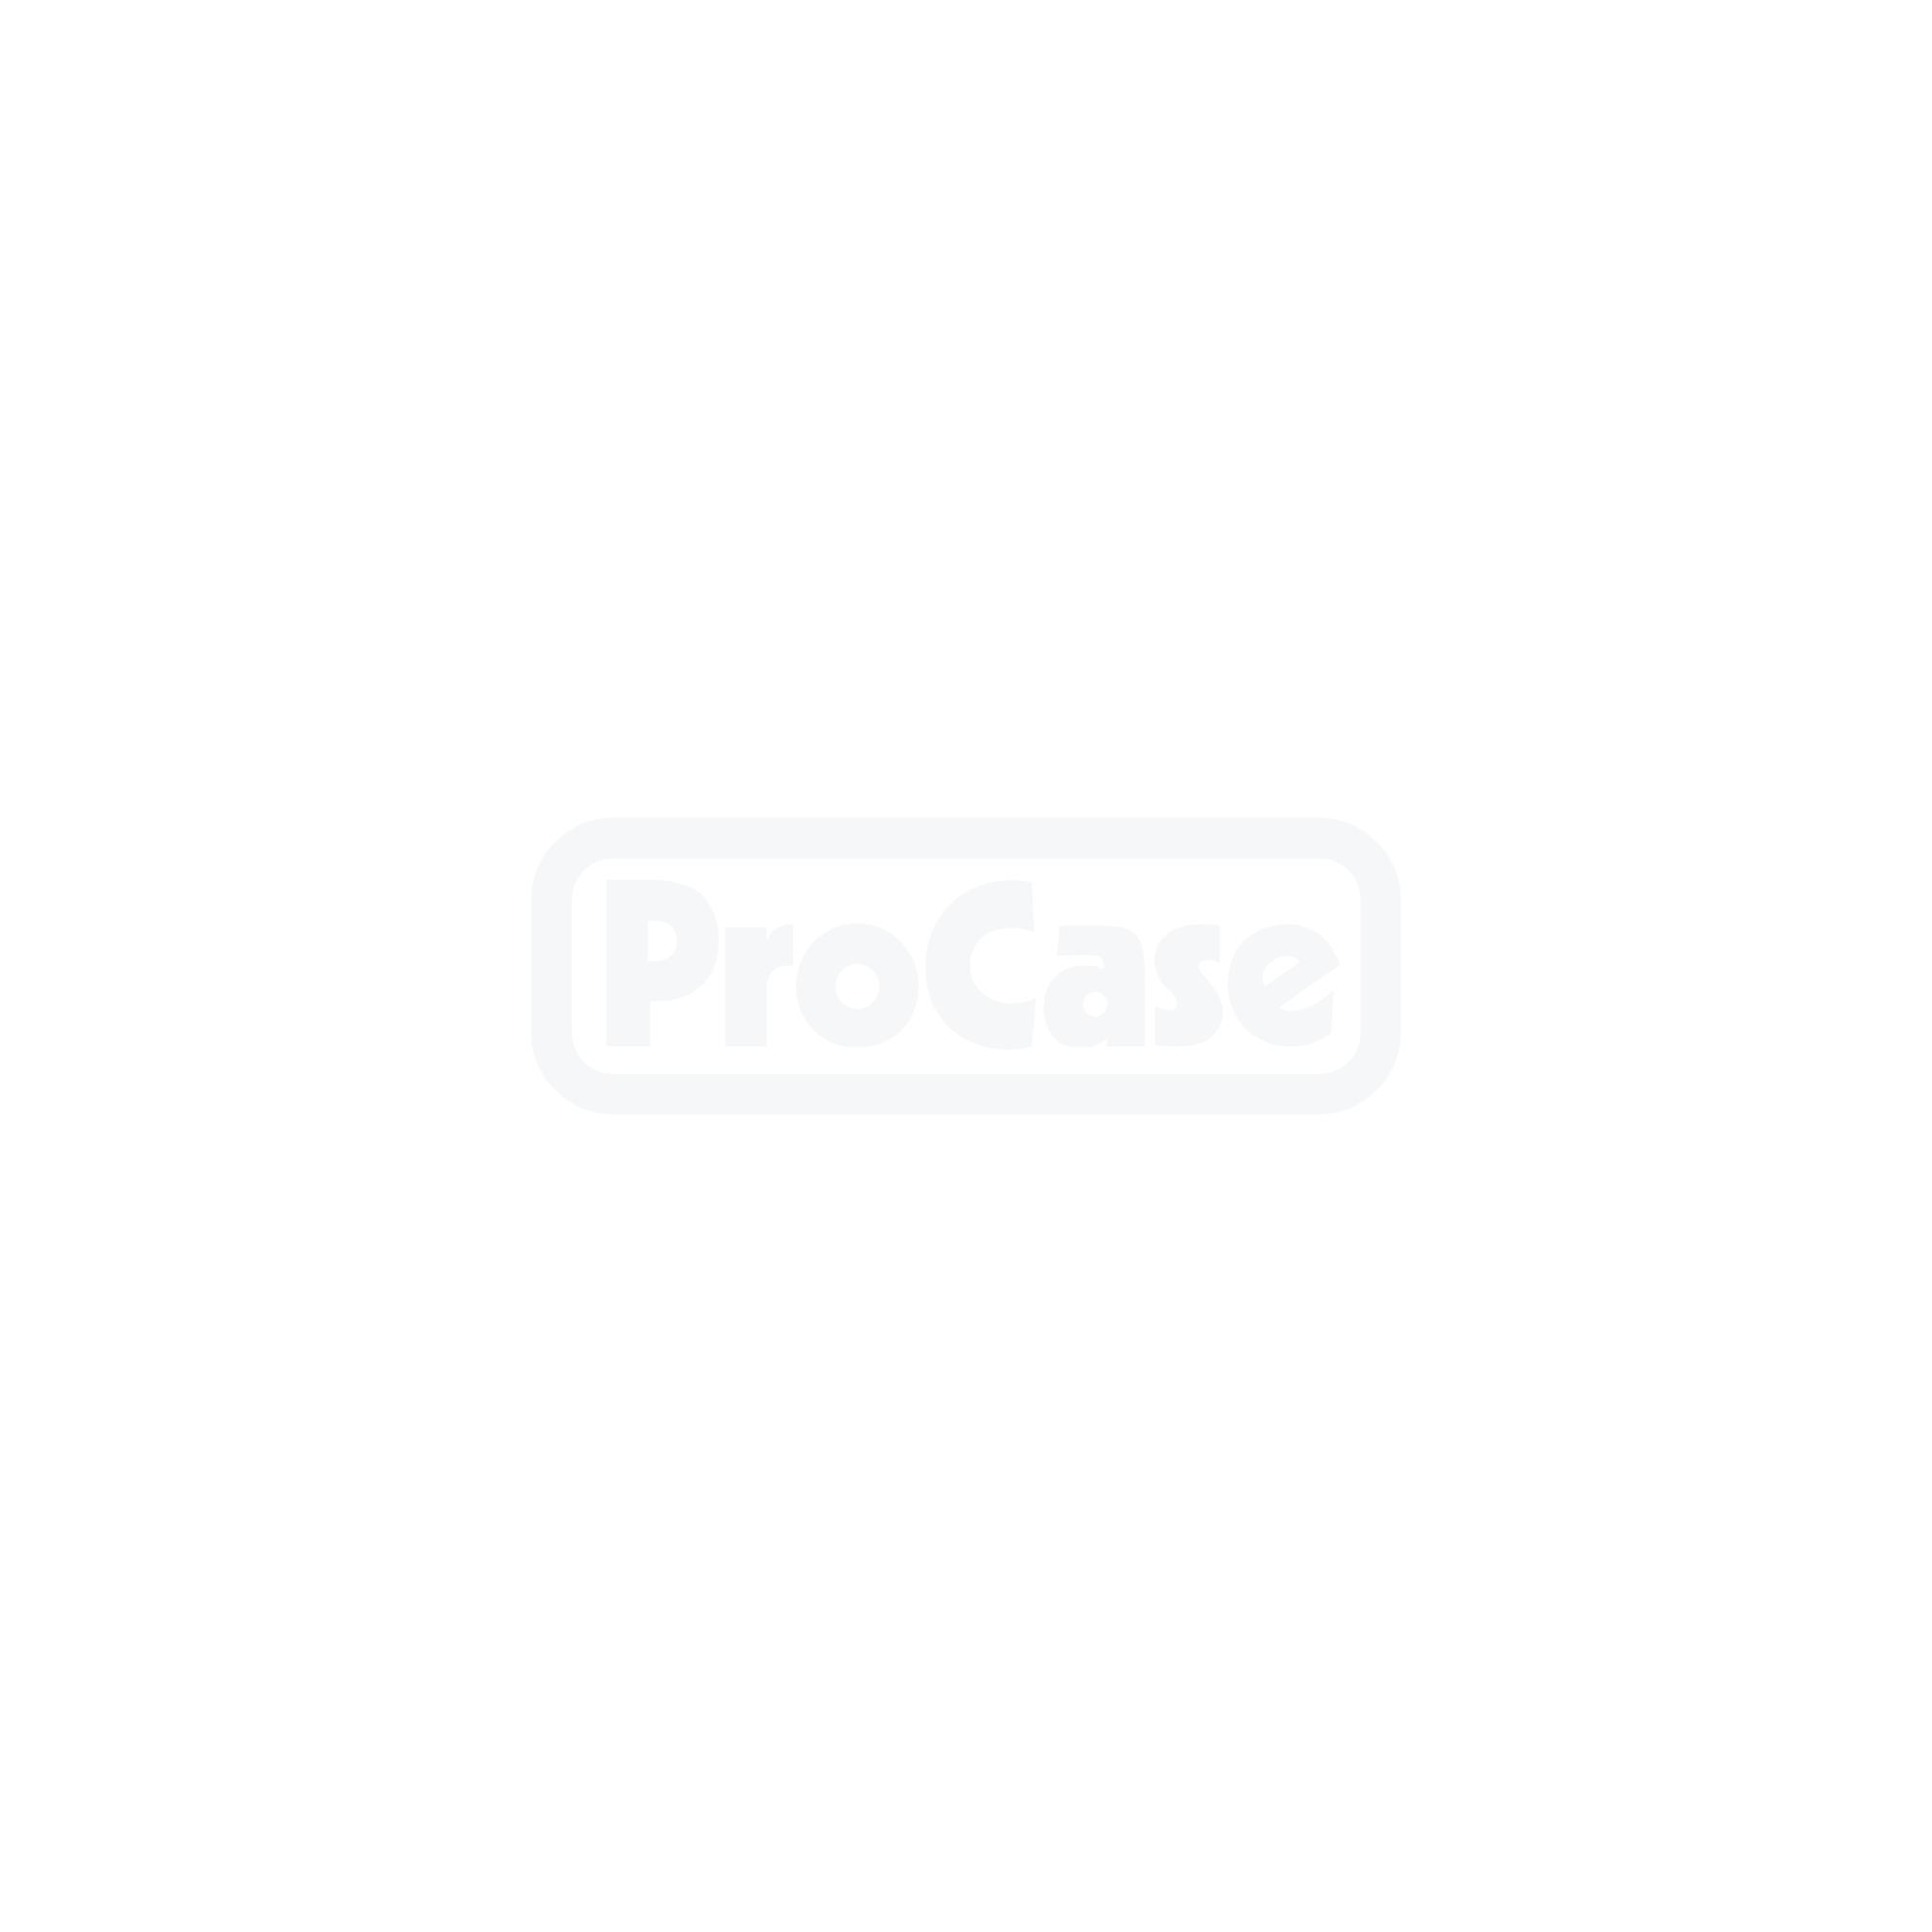 QSD-Rack 20HE 600 mm tief 2